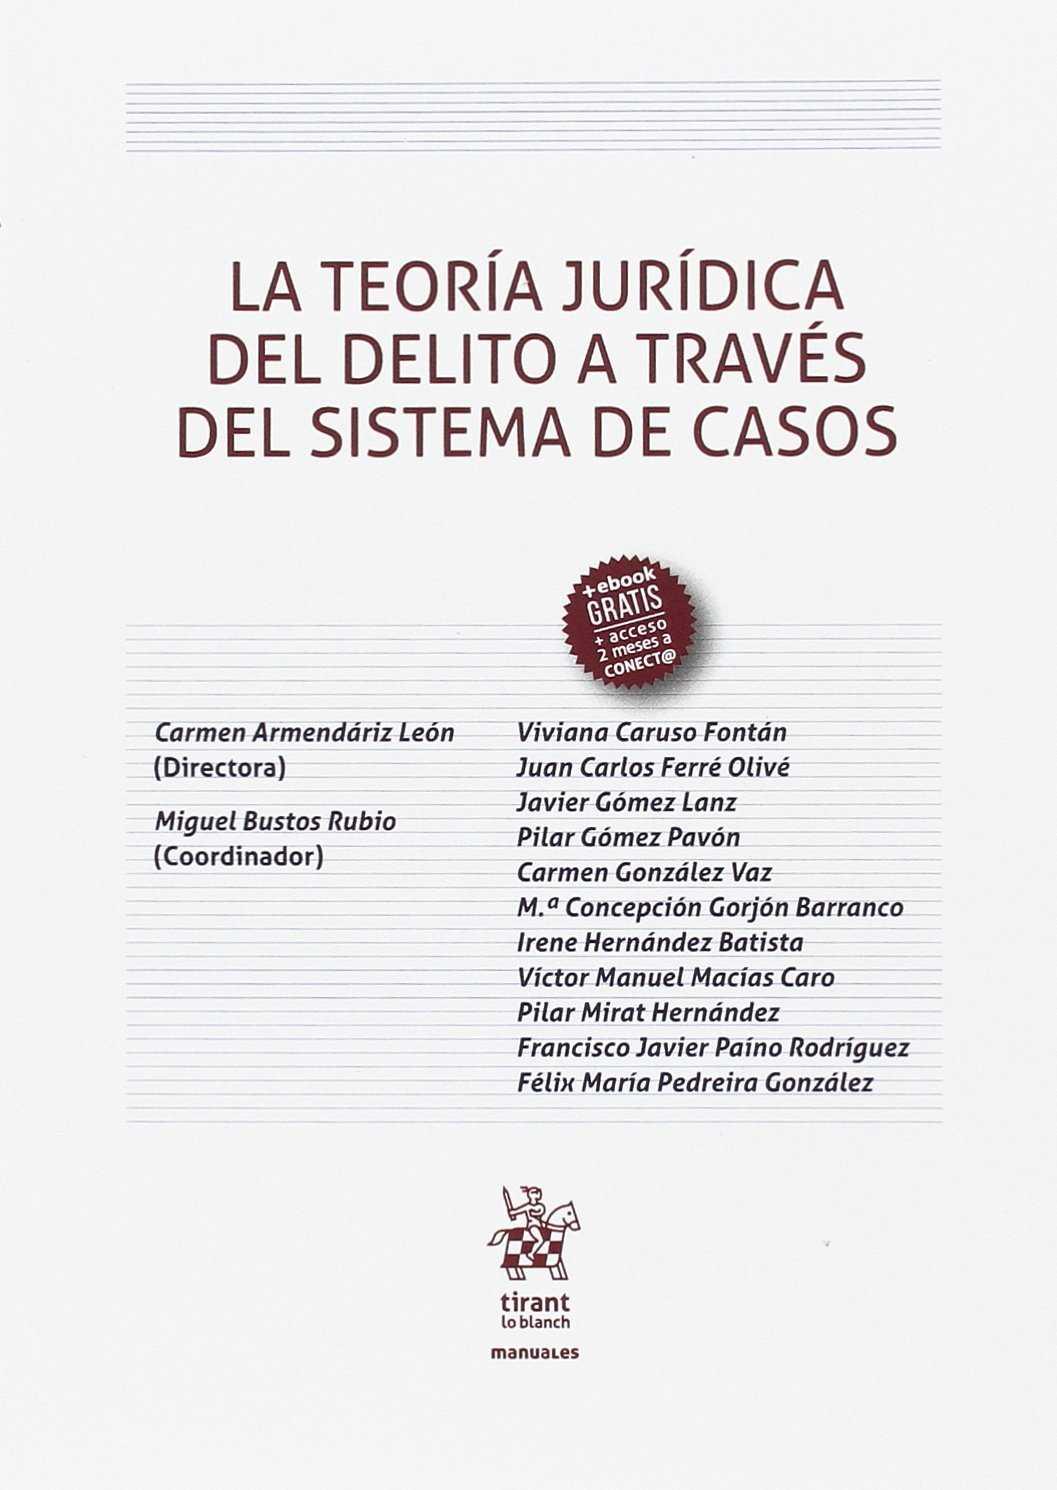 LA TEORÍA JURÍDICA DEL DELITO A TRAVÉS DEL SISTEMA DE CASOS.